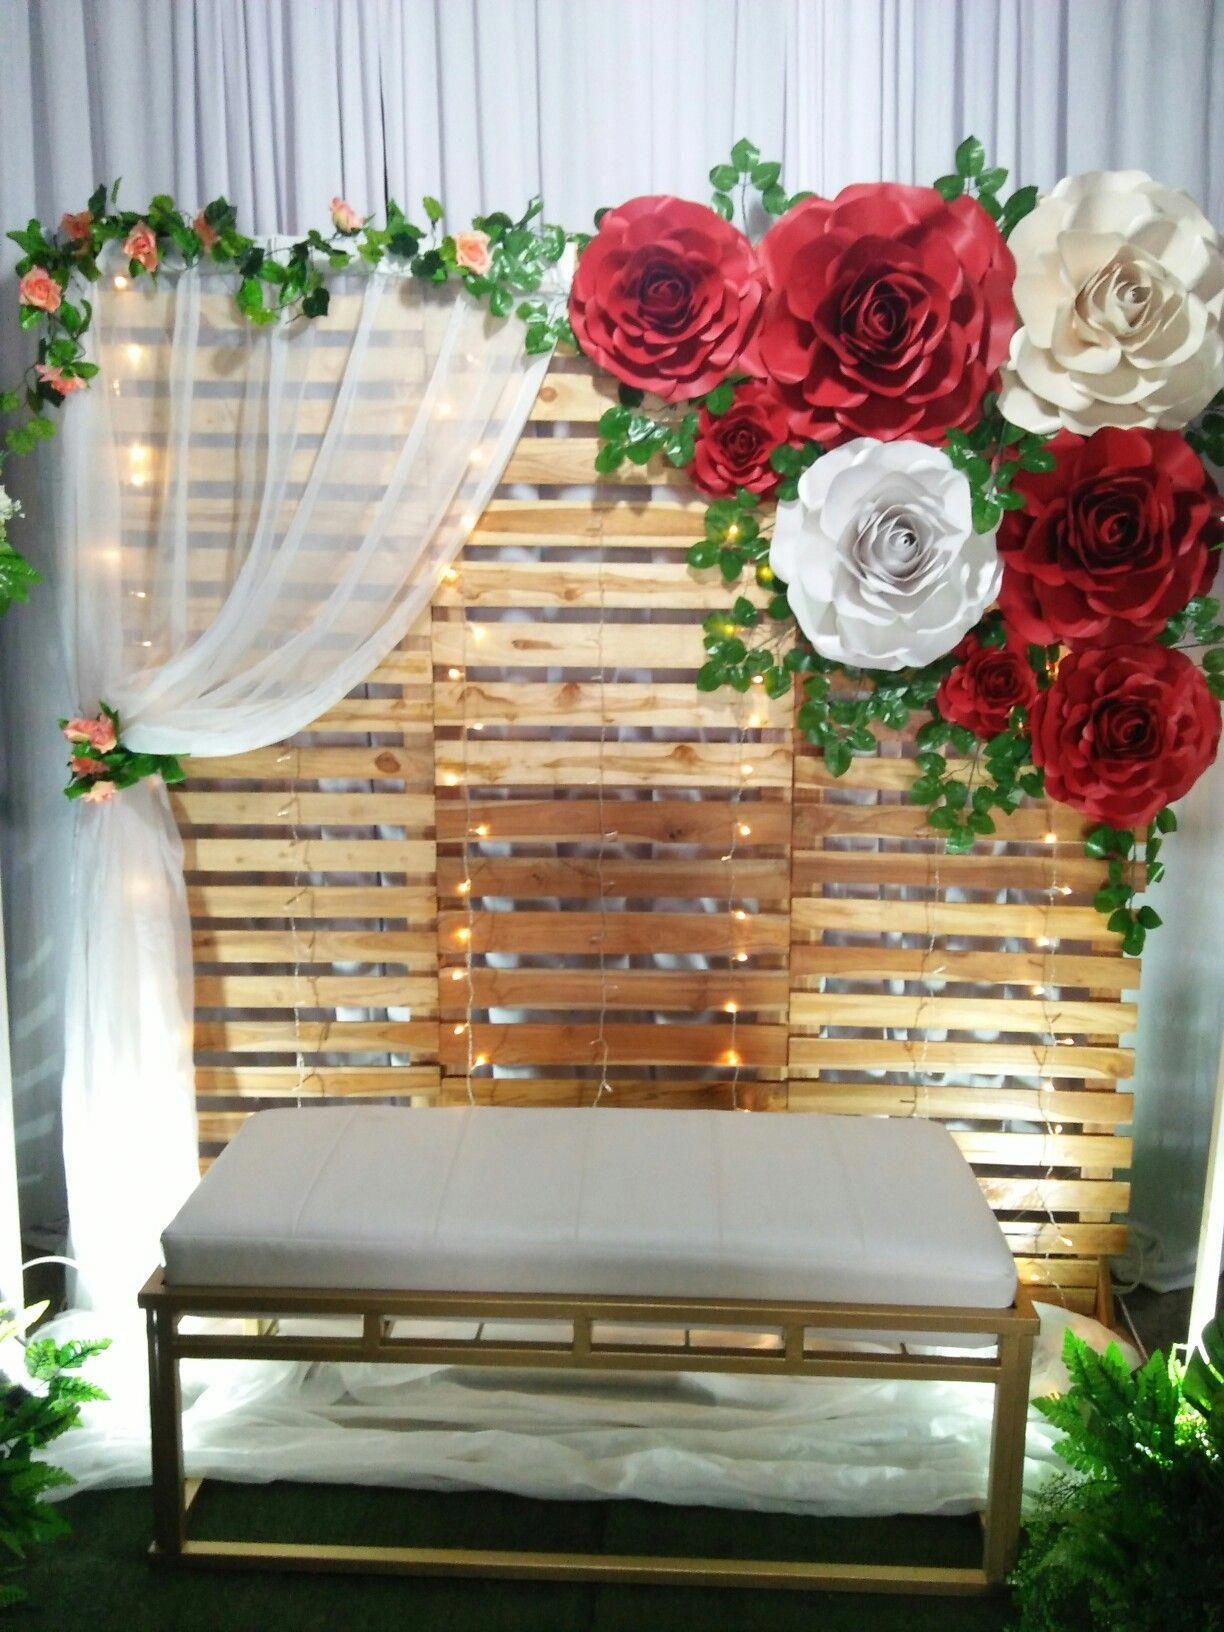 Bois fleurs en papier banquette arrière plan cérémonie ...